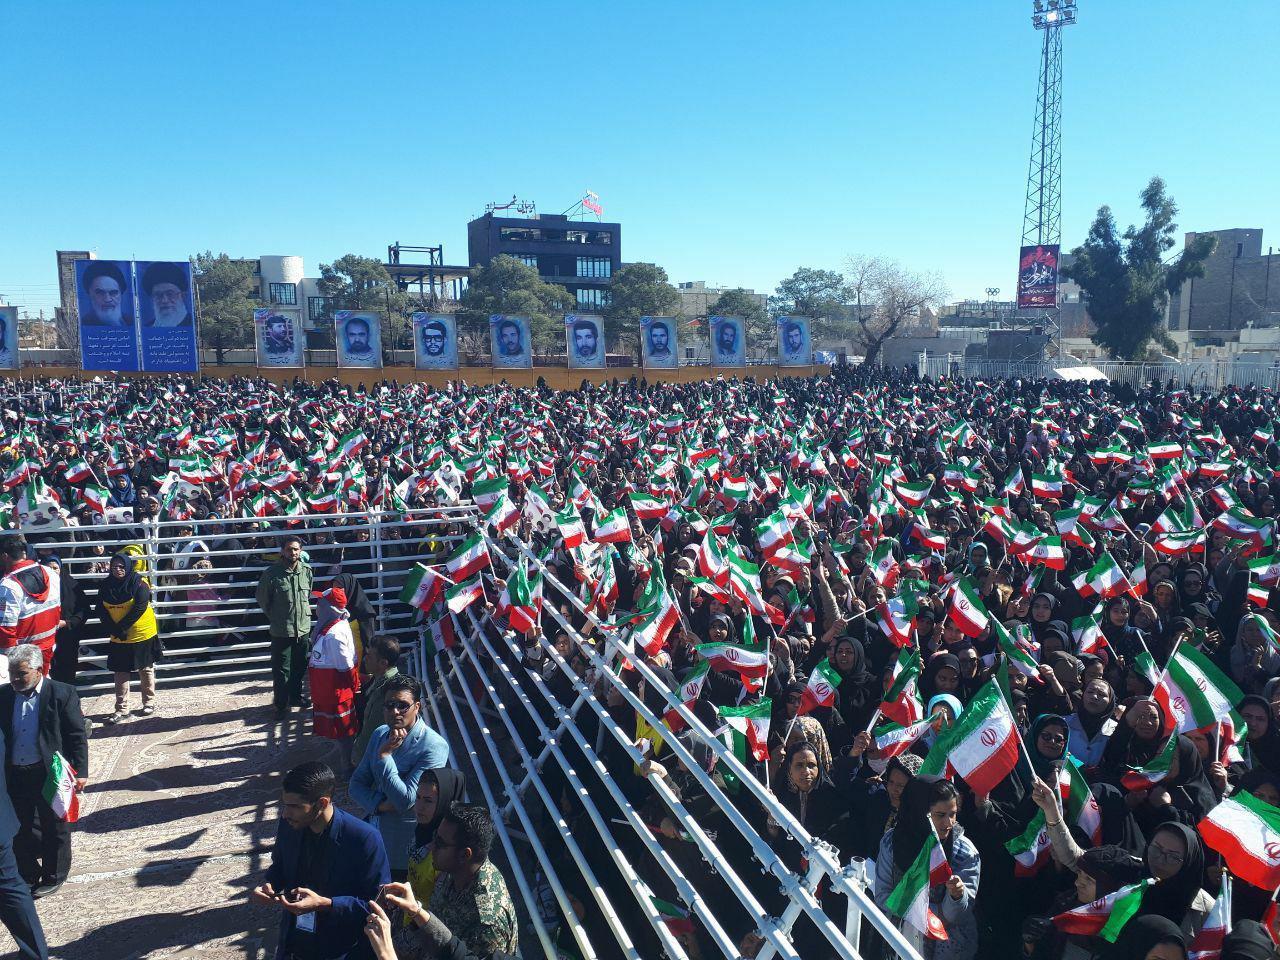 افتخار می کنیم که هیچ ابرقدرتی در انقلاب حامی ما نبود/در واشنگتن کسی فکر نکند میتواند برای ملت بزرگ ایران تصمیم بگیرد